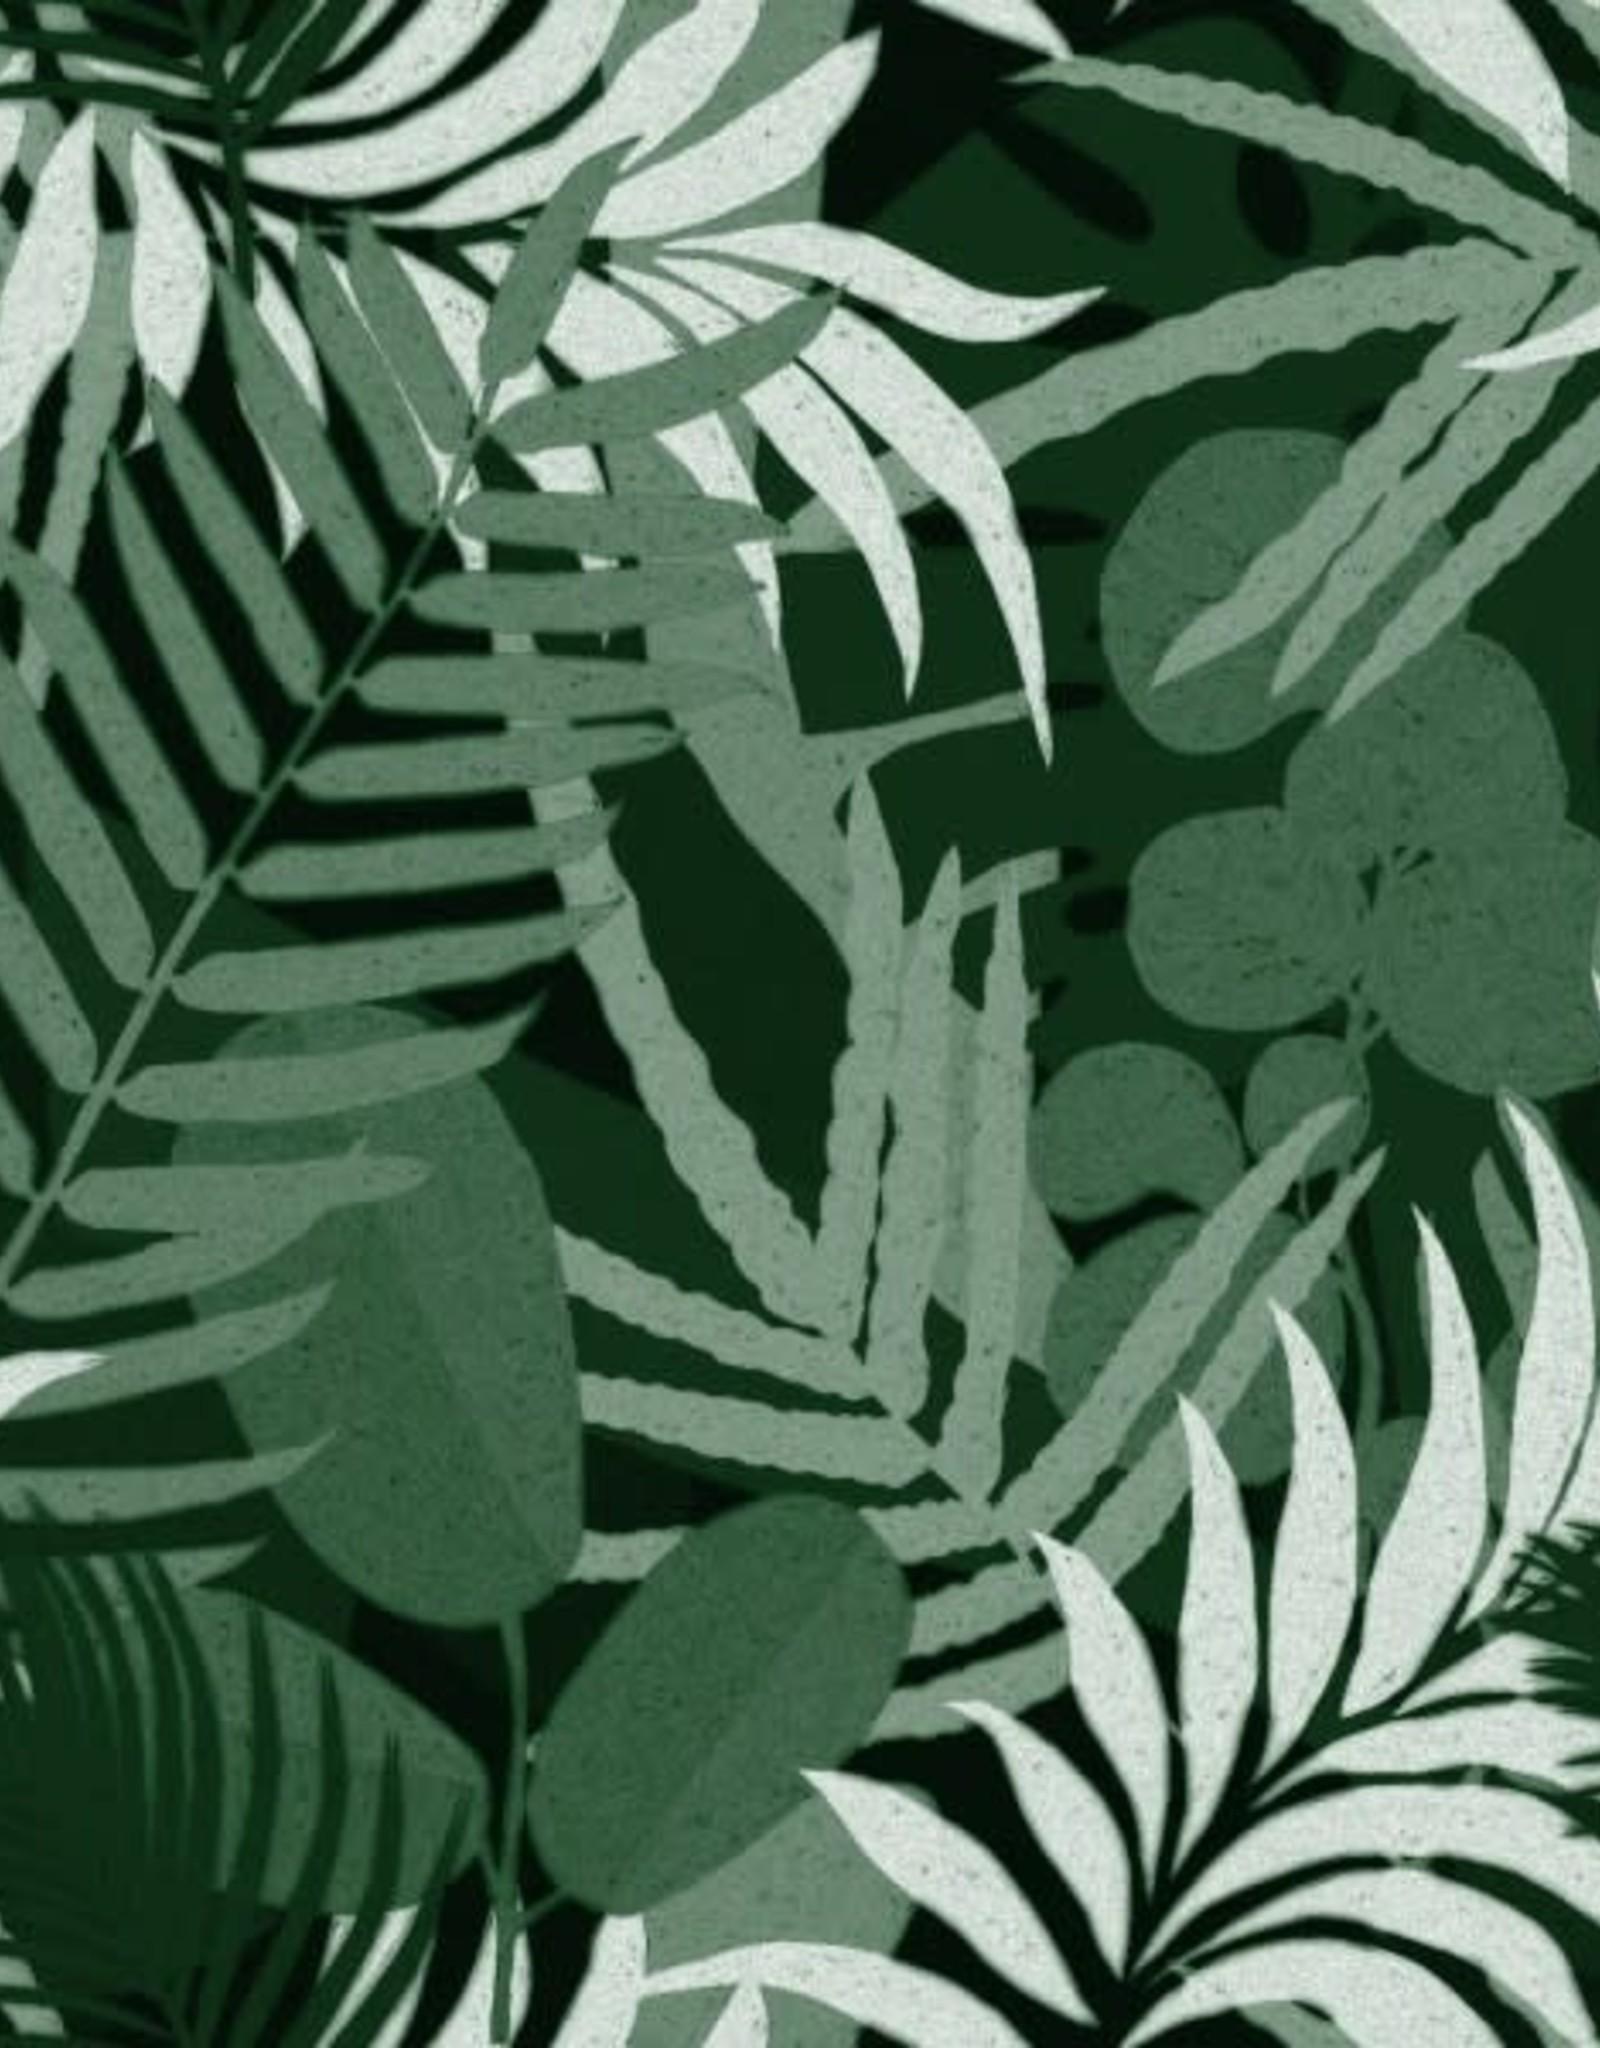 Behang Jardin Del Sol Green - 156 x 300 cm